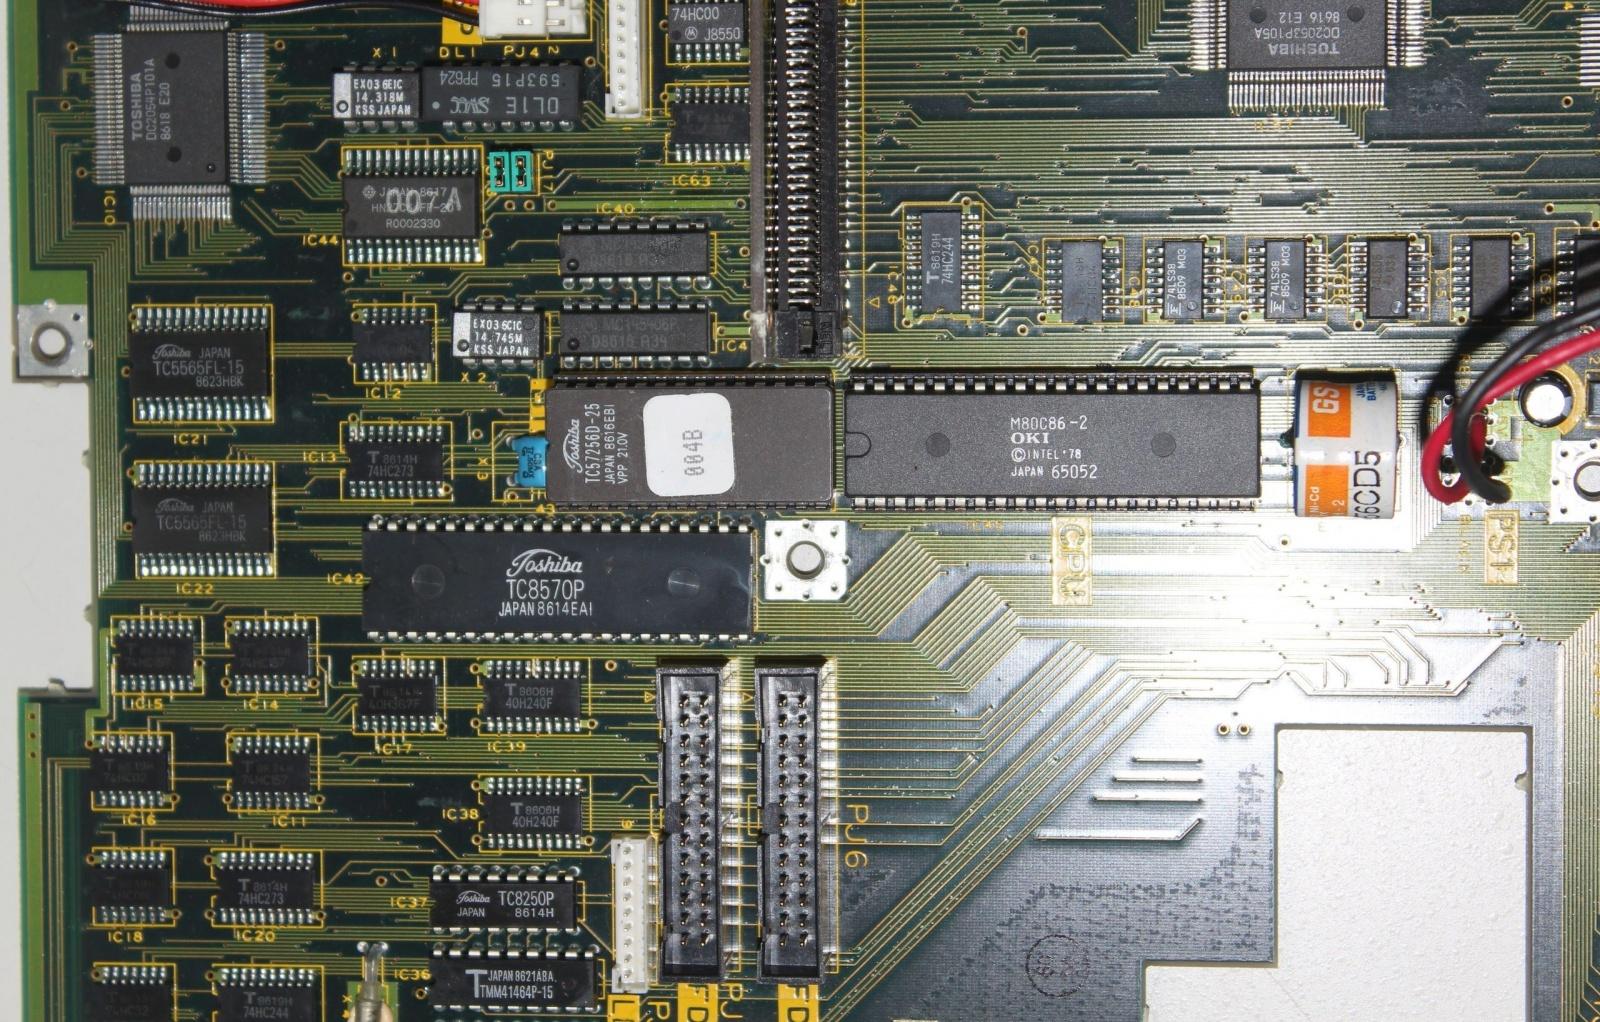 M80C86-2 в Тошибе. Справа виден аккумулятор часов реального времени.